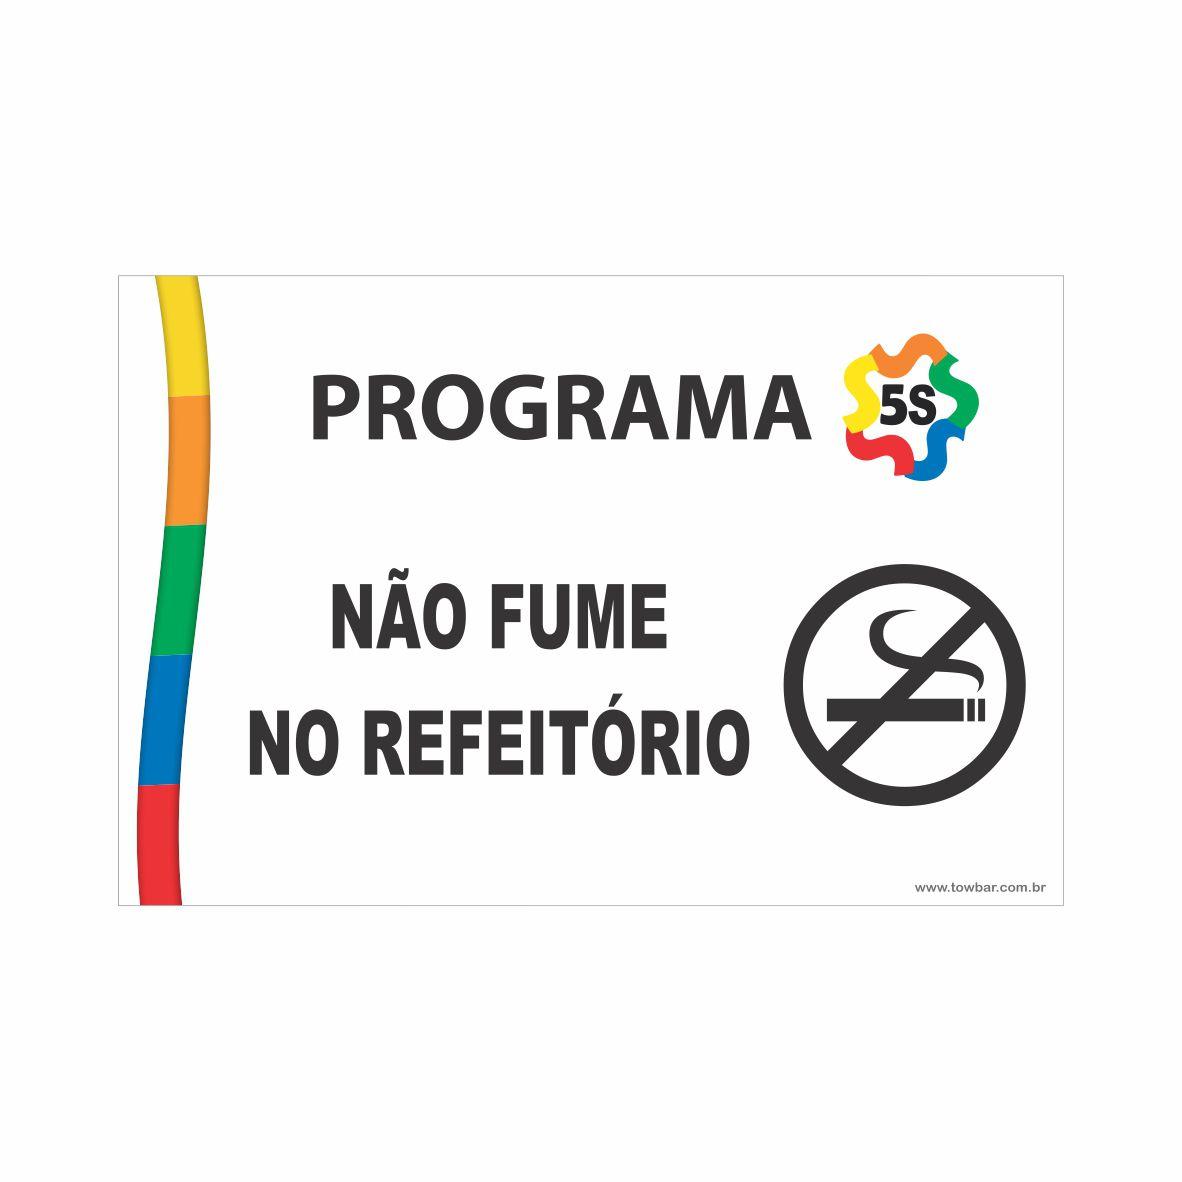 Não fume no refeitório  - Towbar Sinalização de Segurança